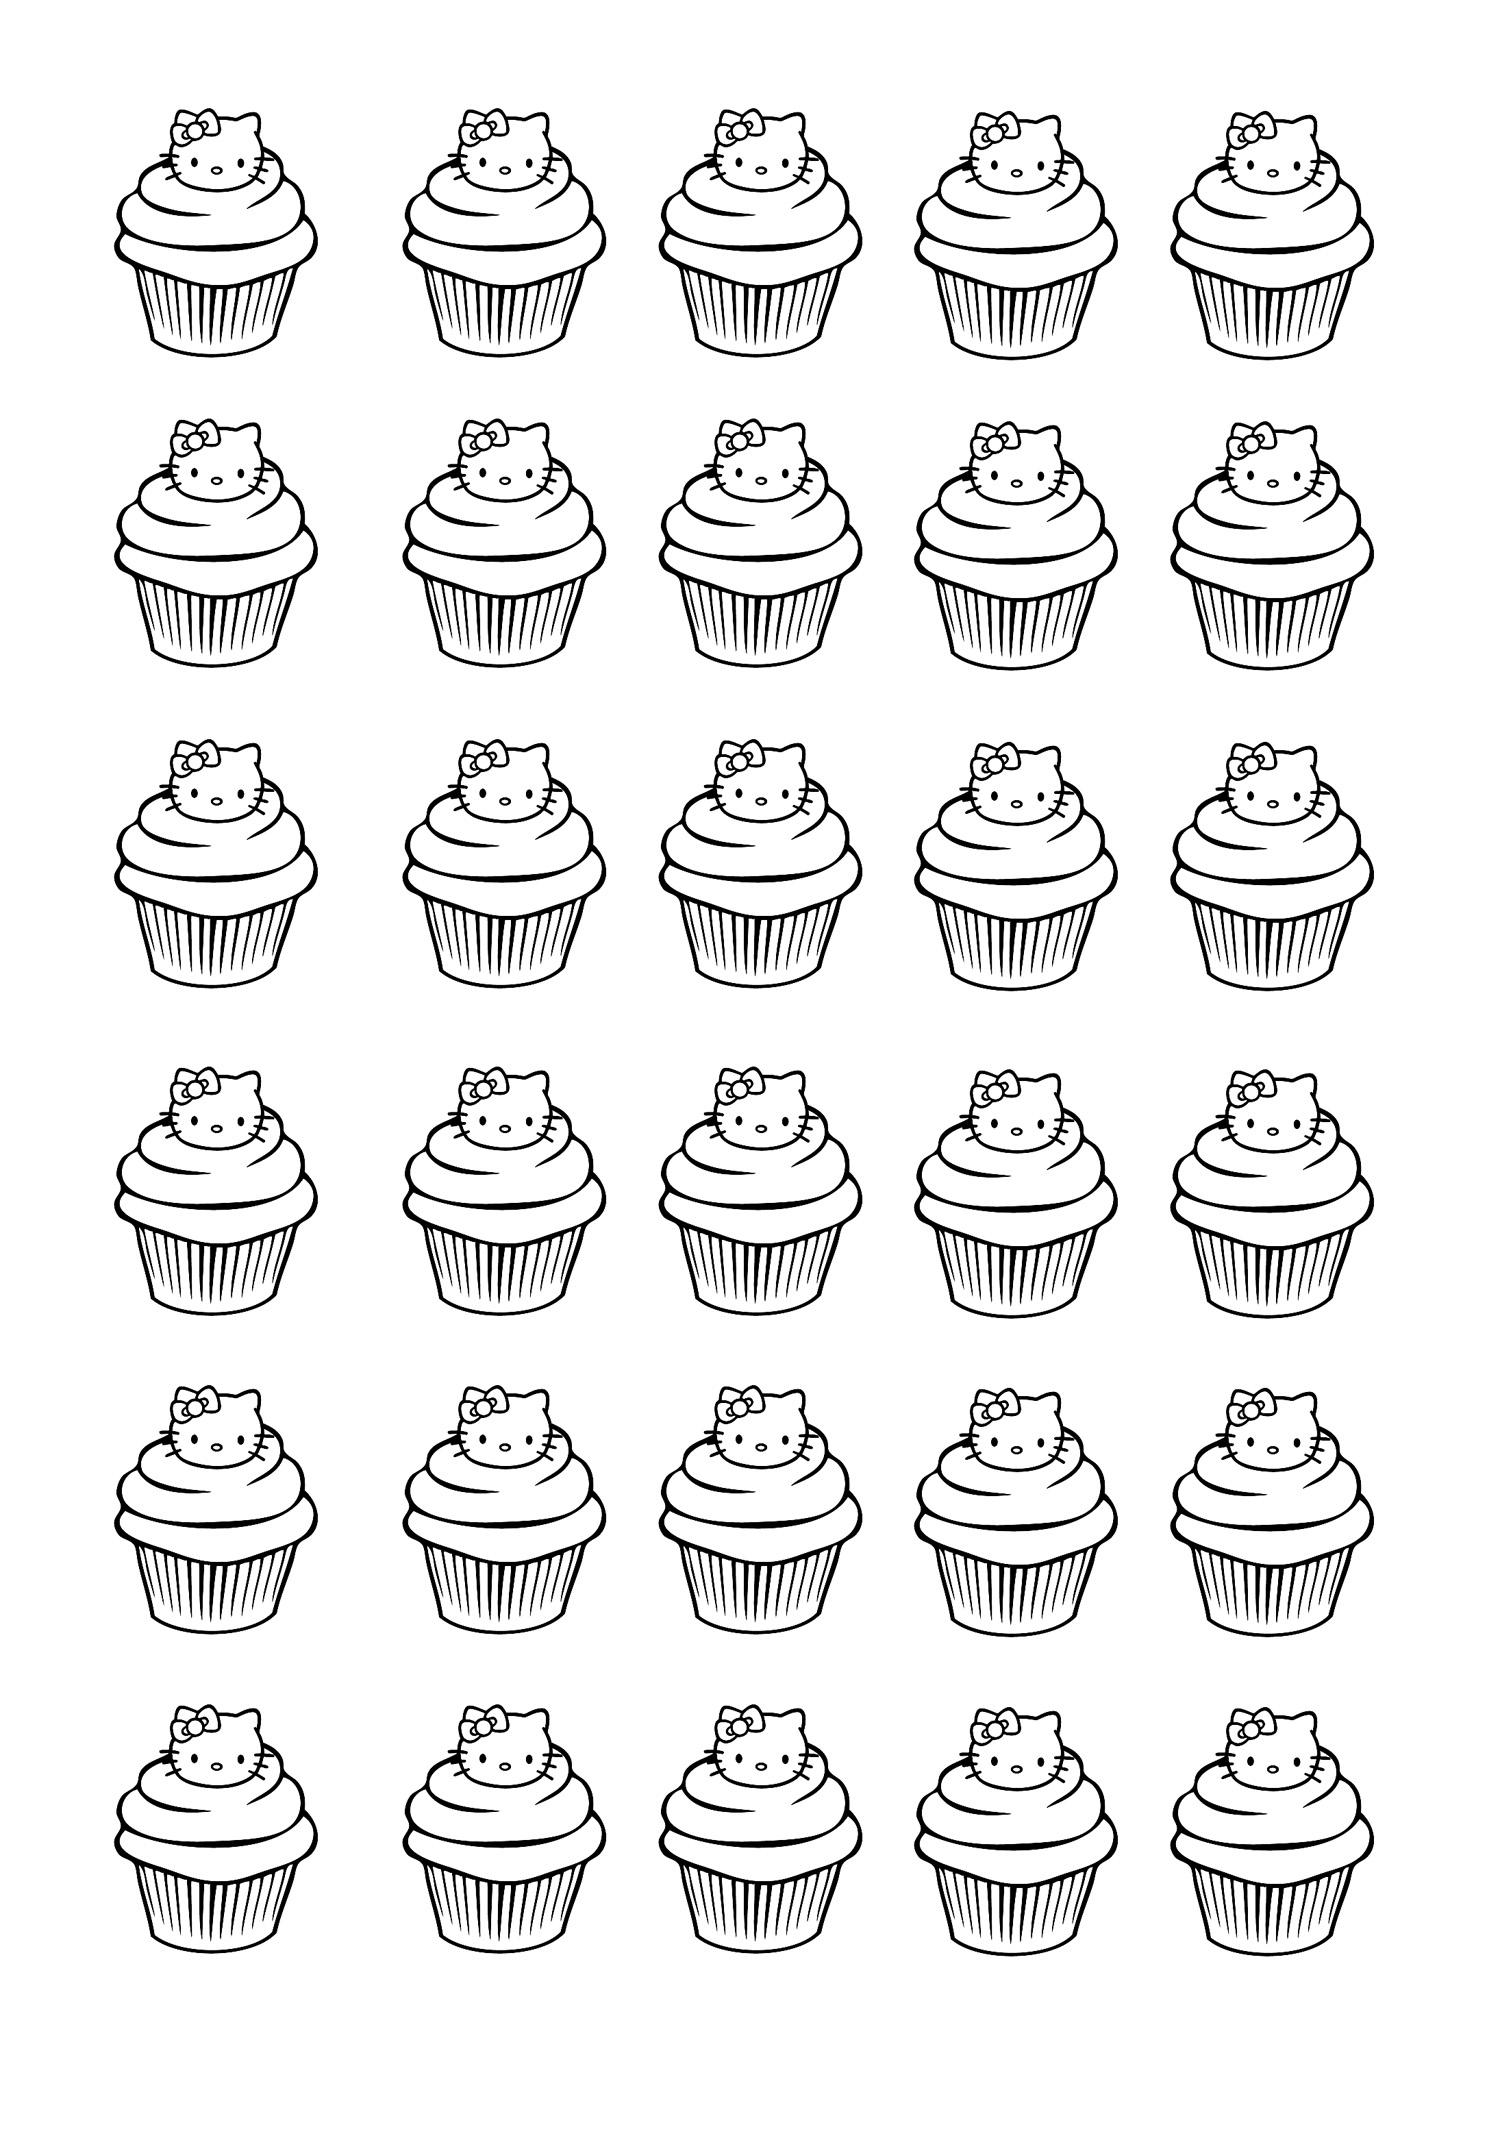 Cup cakes coloriages difficiles pour adultes coloriage cupcakes hello kitty - Coloriage hello kitty et la licorne ...